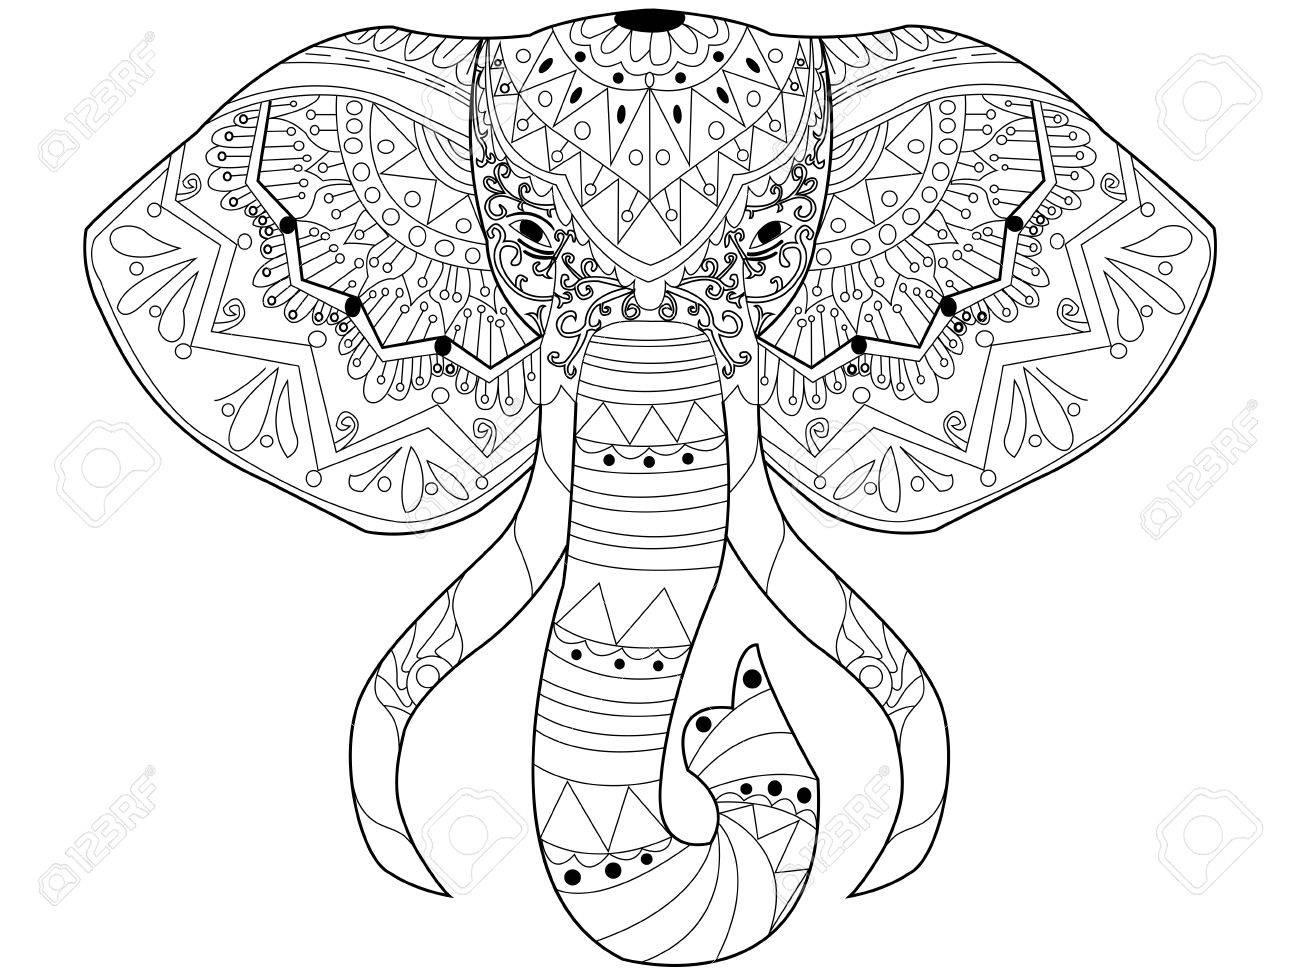 Elefant Malbuch Für Erwachsene Vektor-Illustration. Anti-Stress Für ...